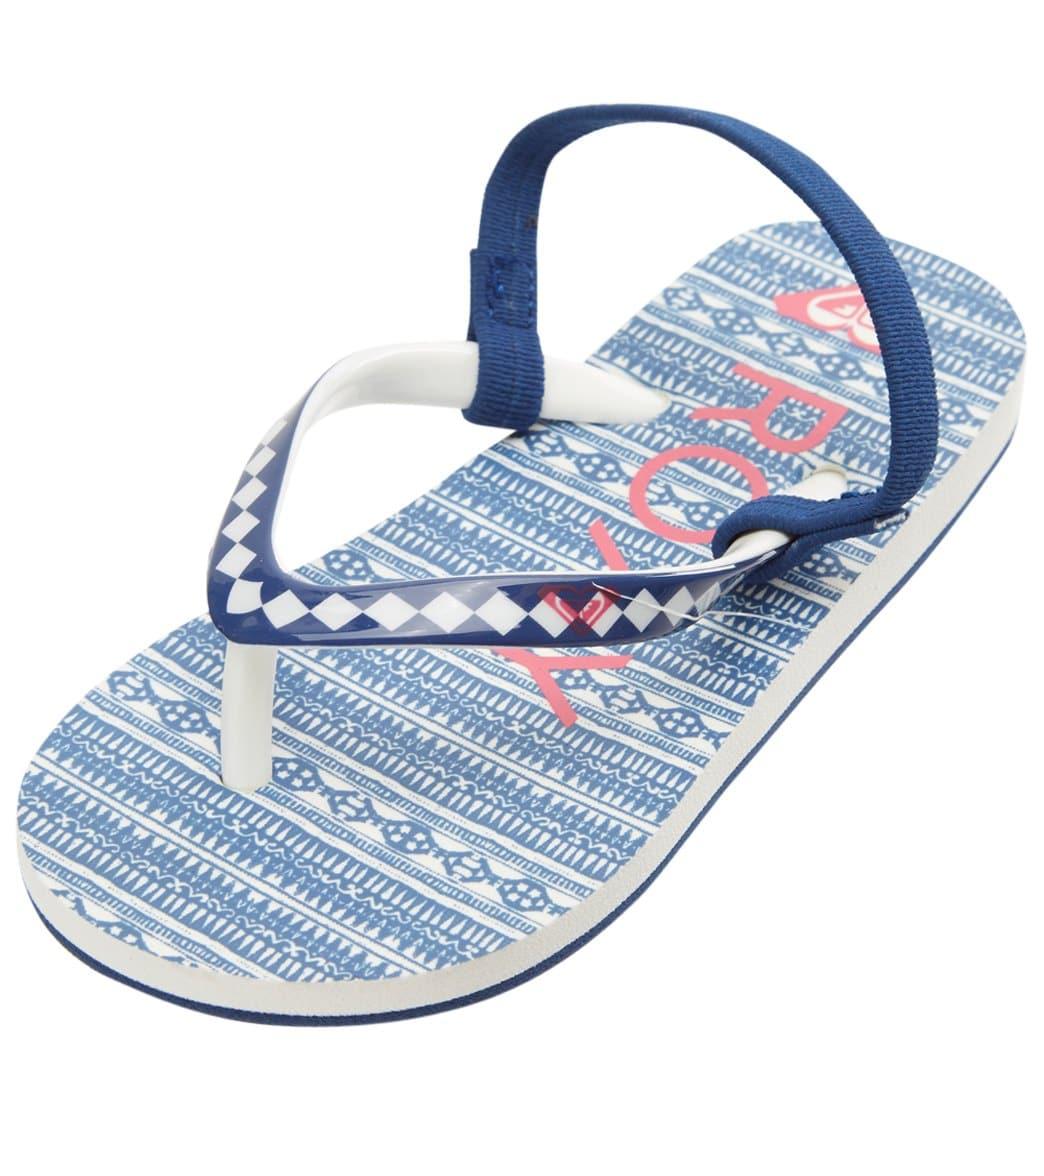 114e0c088cbfc7 Roxy Girls  Pebbles VI Sandal (Toddler) at SwimOutlet.com